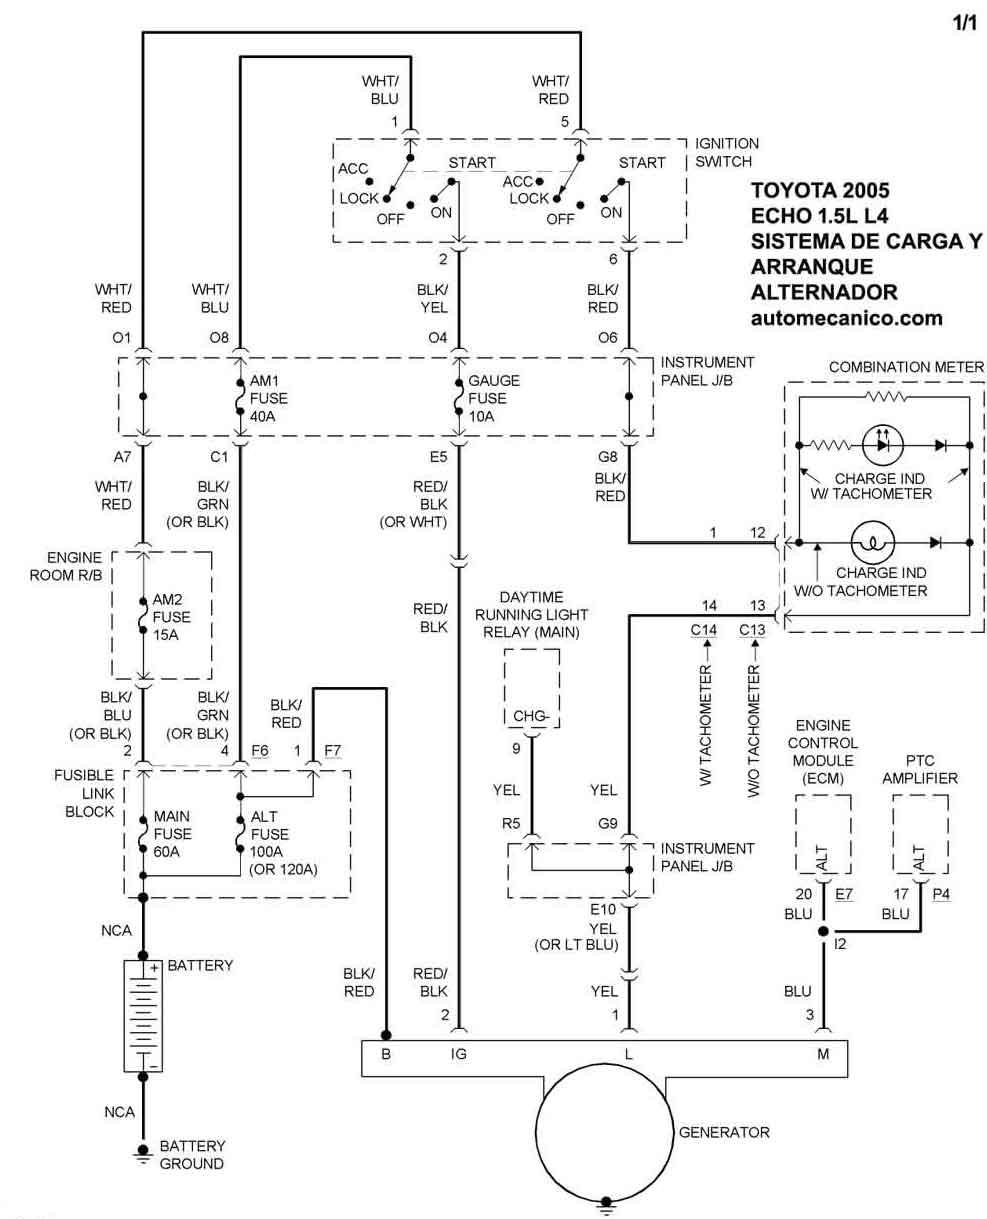 Toyota Diagramas 2005